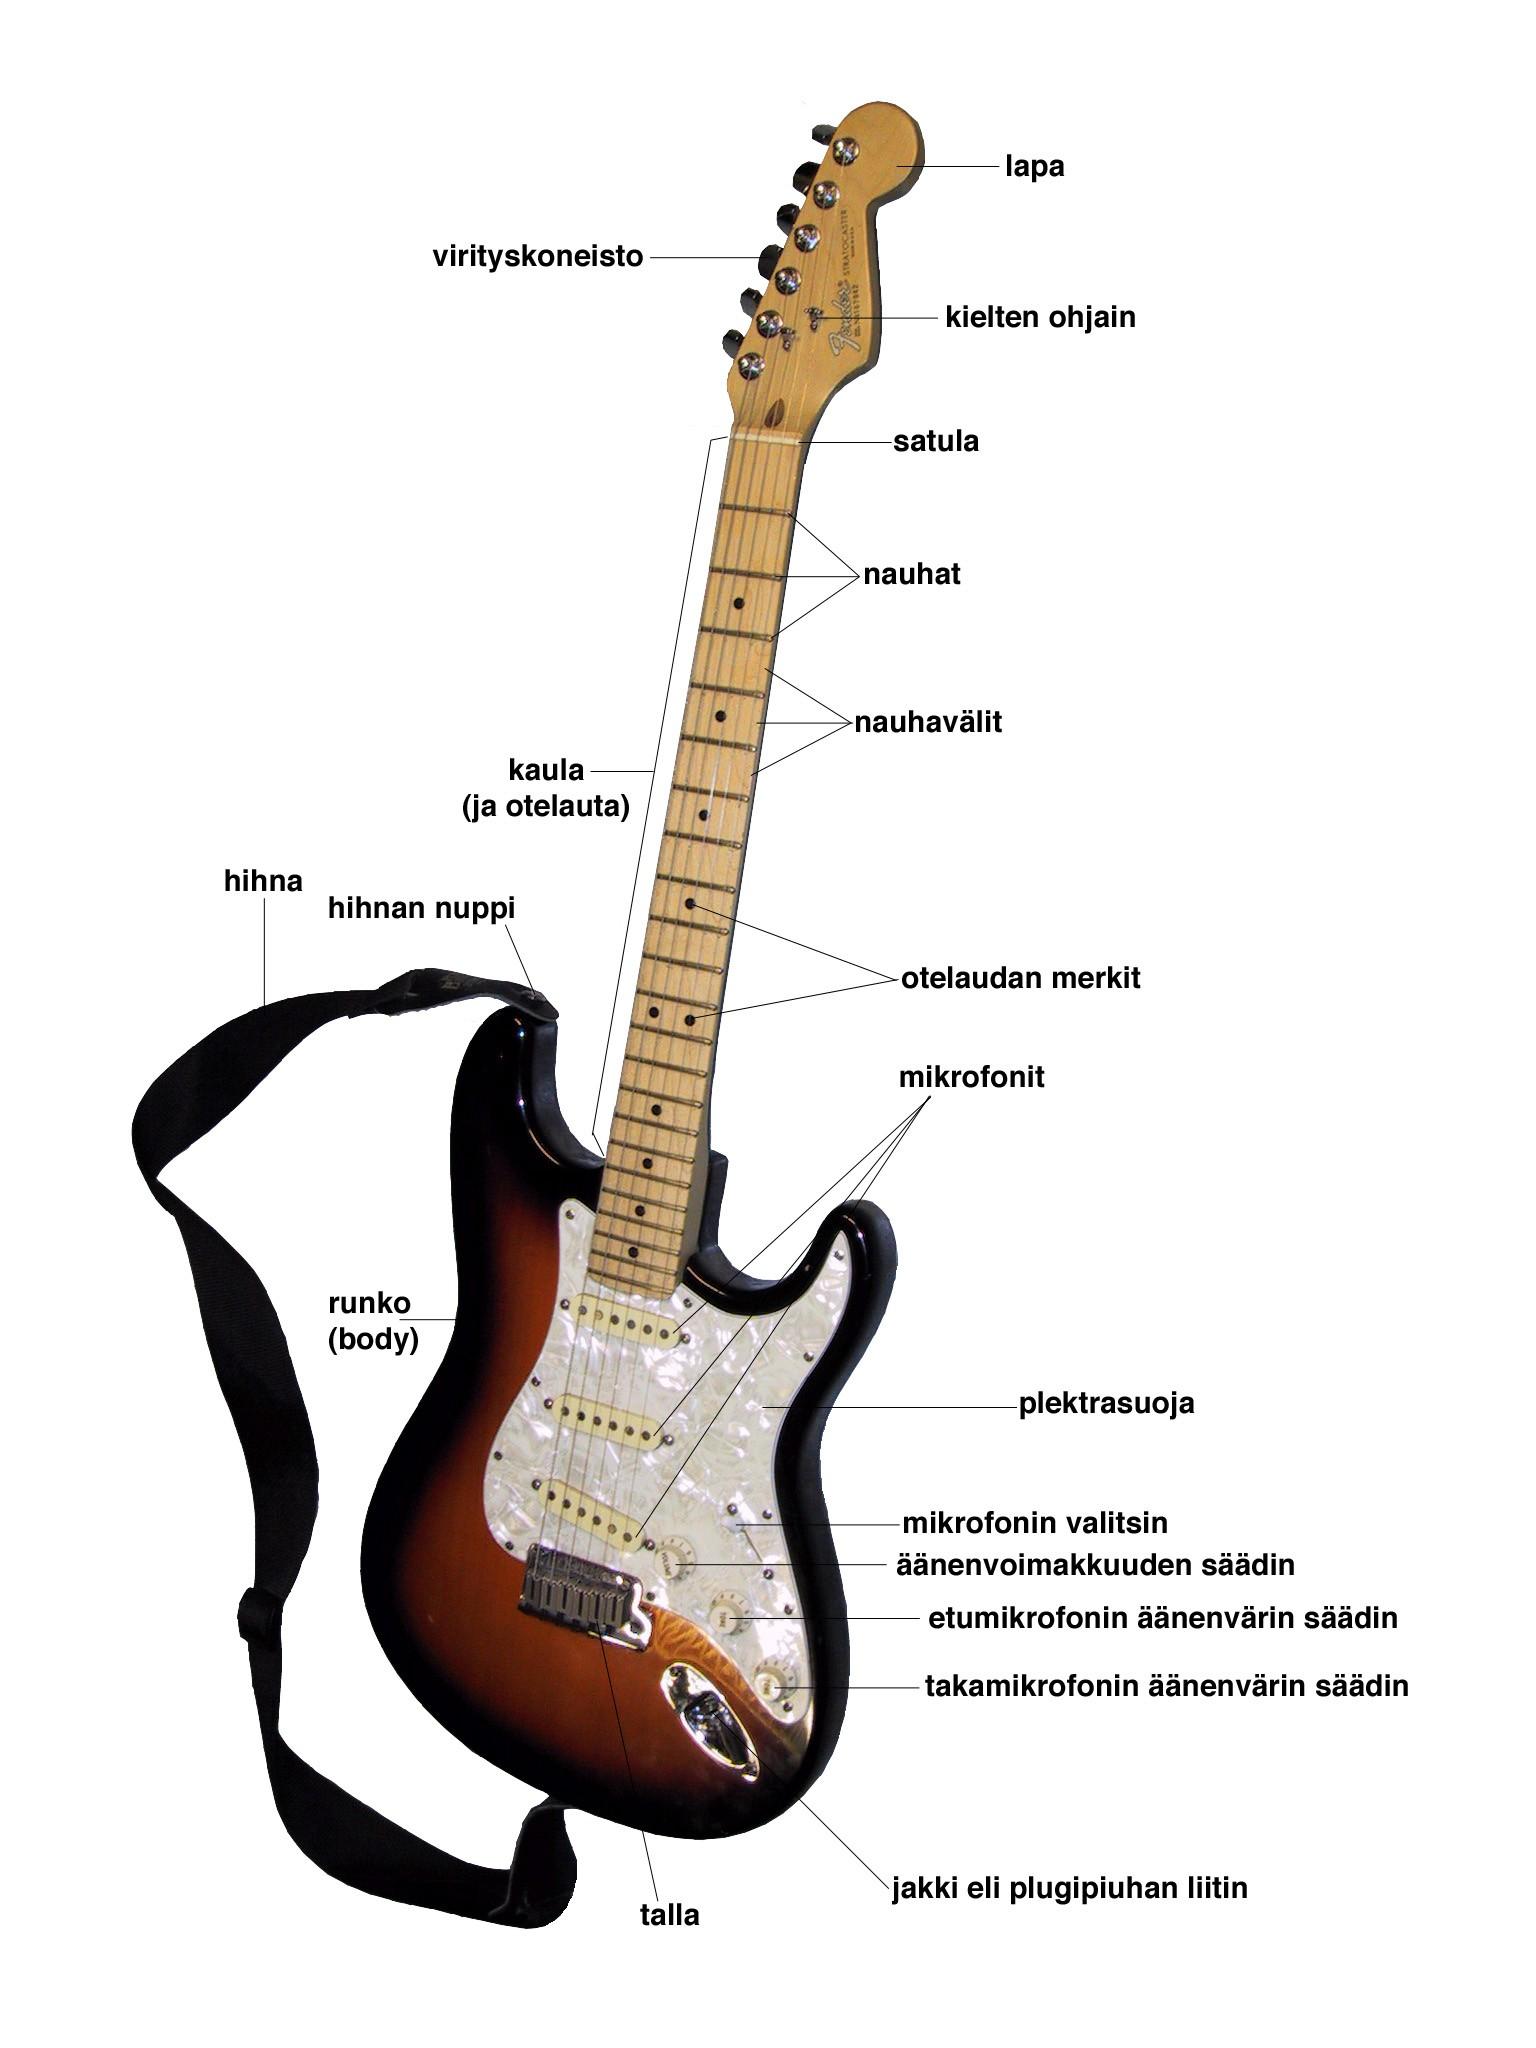 Acoustic Electric Guitar Parts Diagram Sähkökitaran Osat Electric Guitar Parts Of Acoustic Electric Guitar Parts Diagram